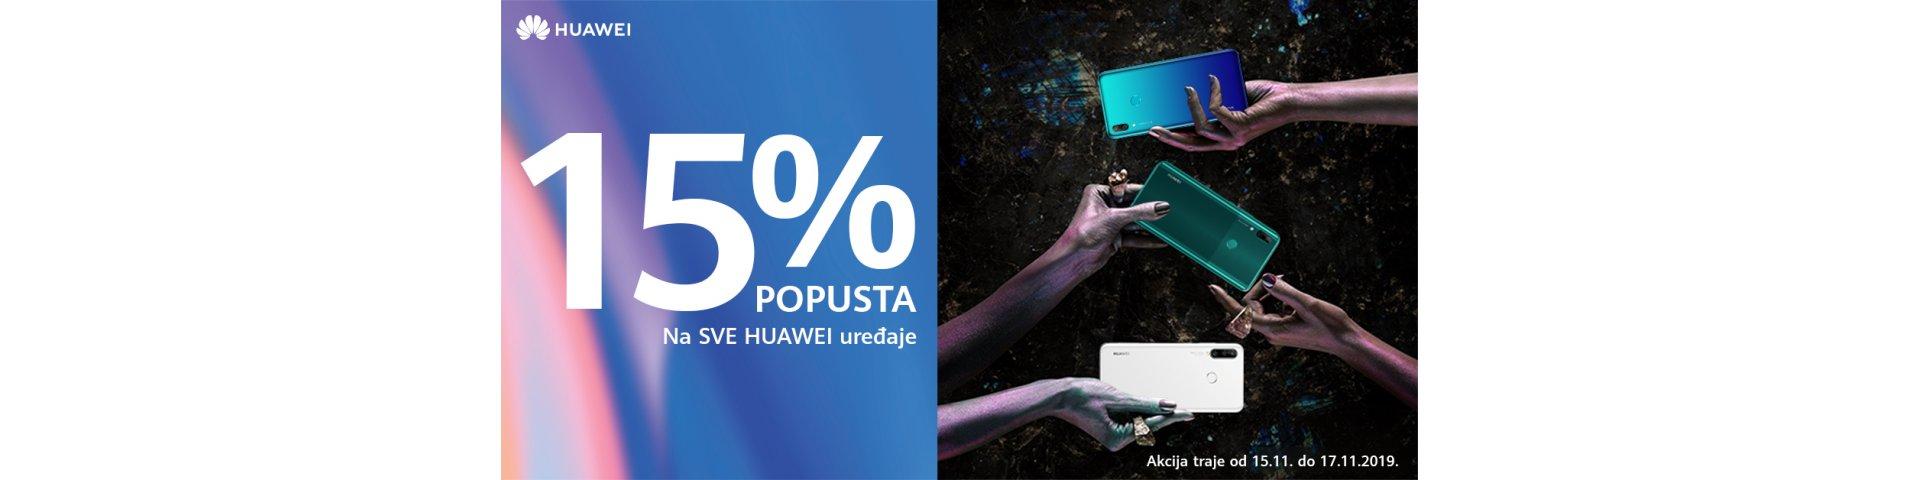 huawei vikend akcija 15%